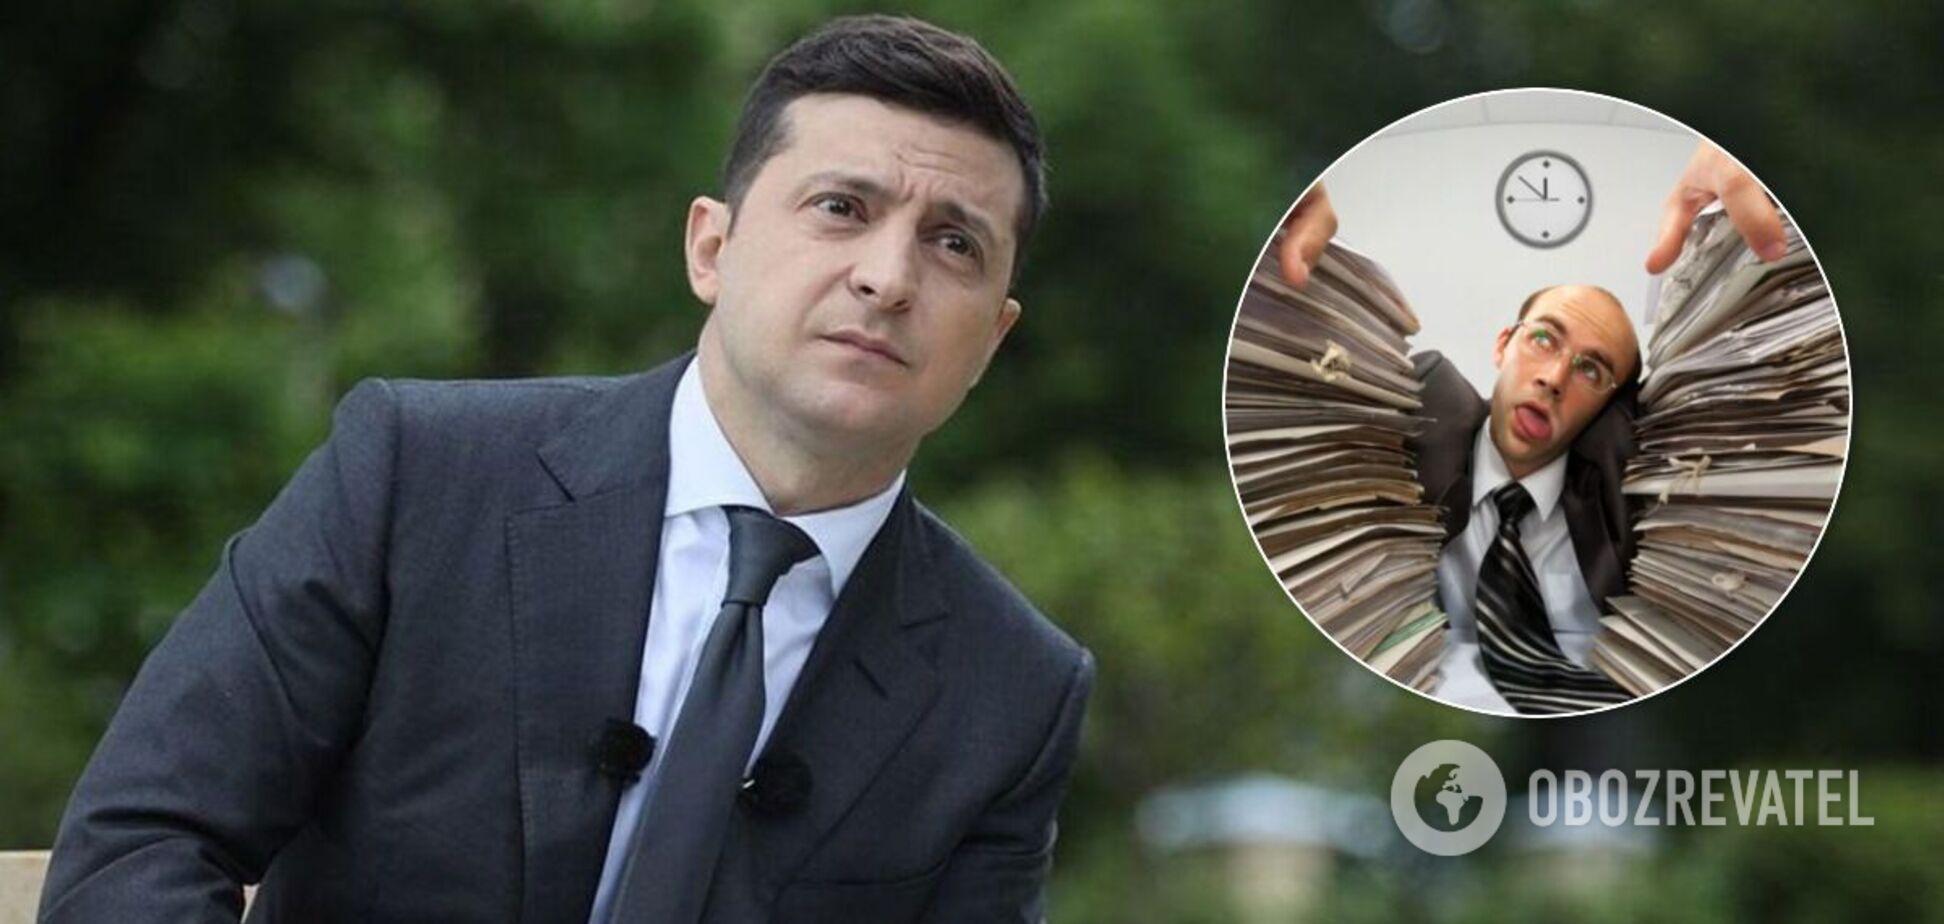 Зеленский выступил на Diia Summit и пообещал убрать бумажную волокиту в 2021 году